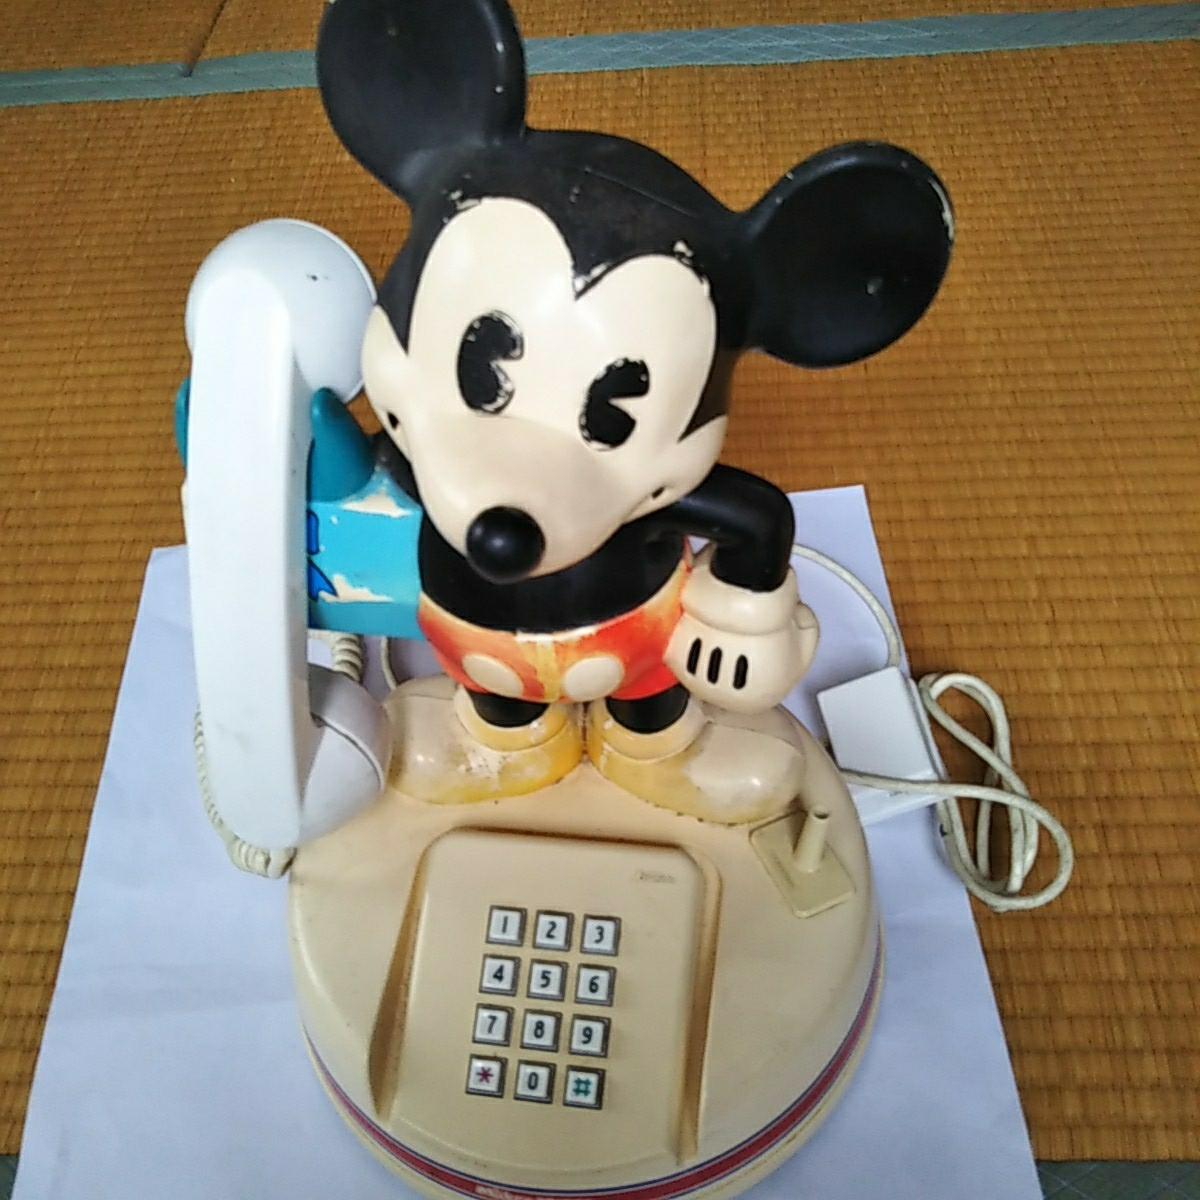 電話機 ミッキーマウスの電話機_画像1